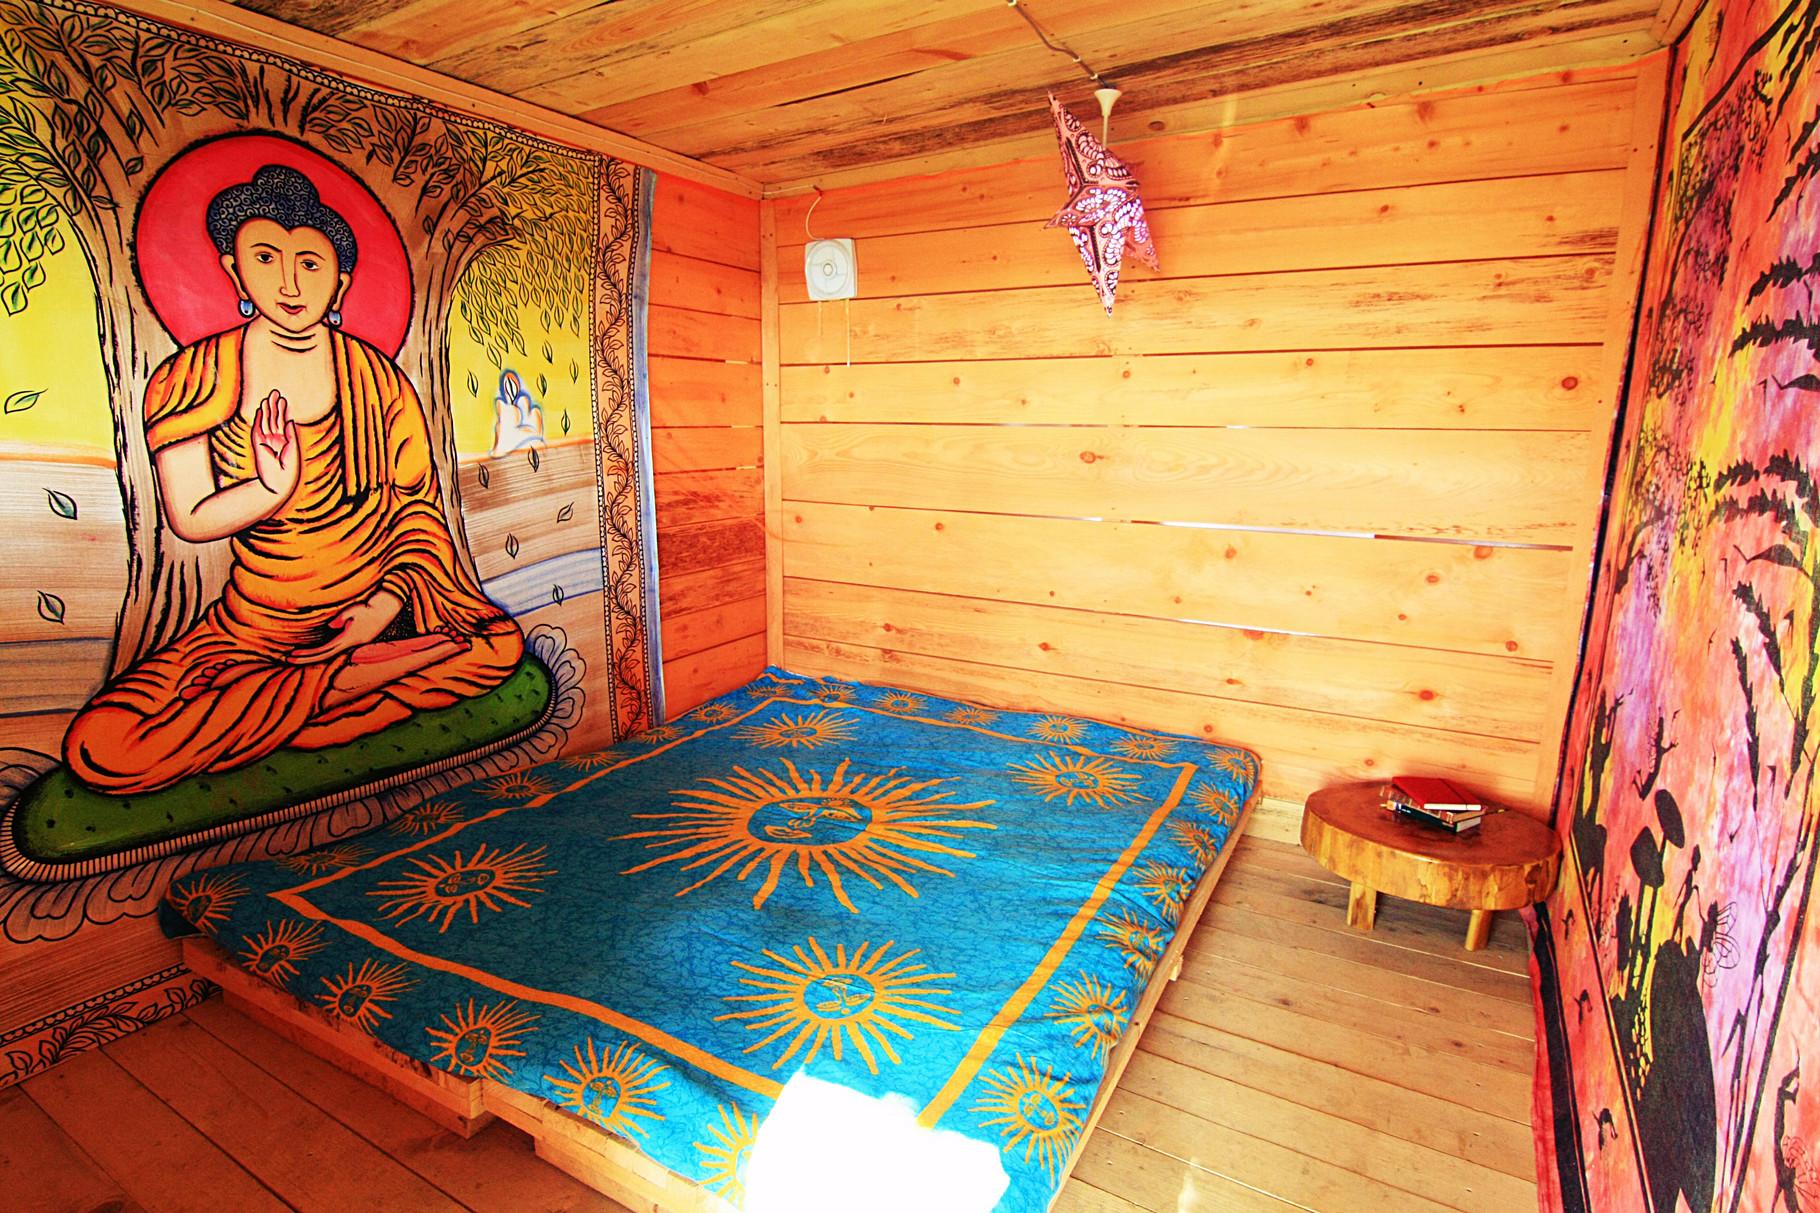 Budha room